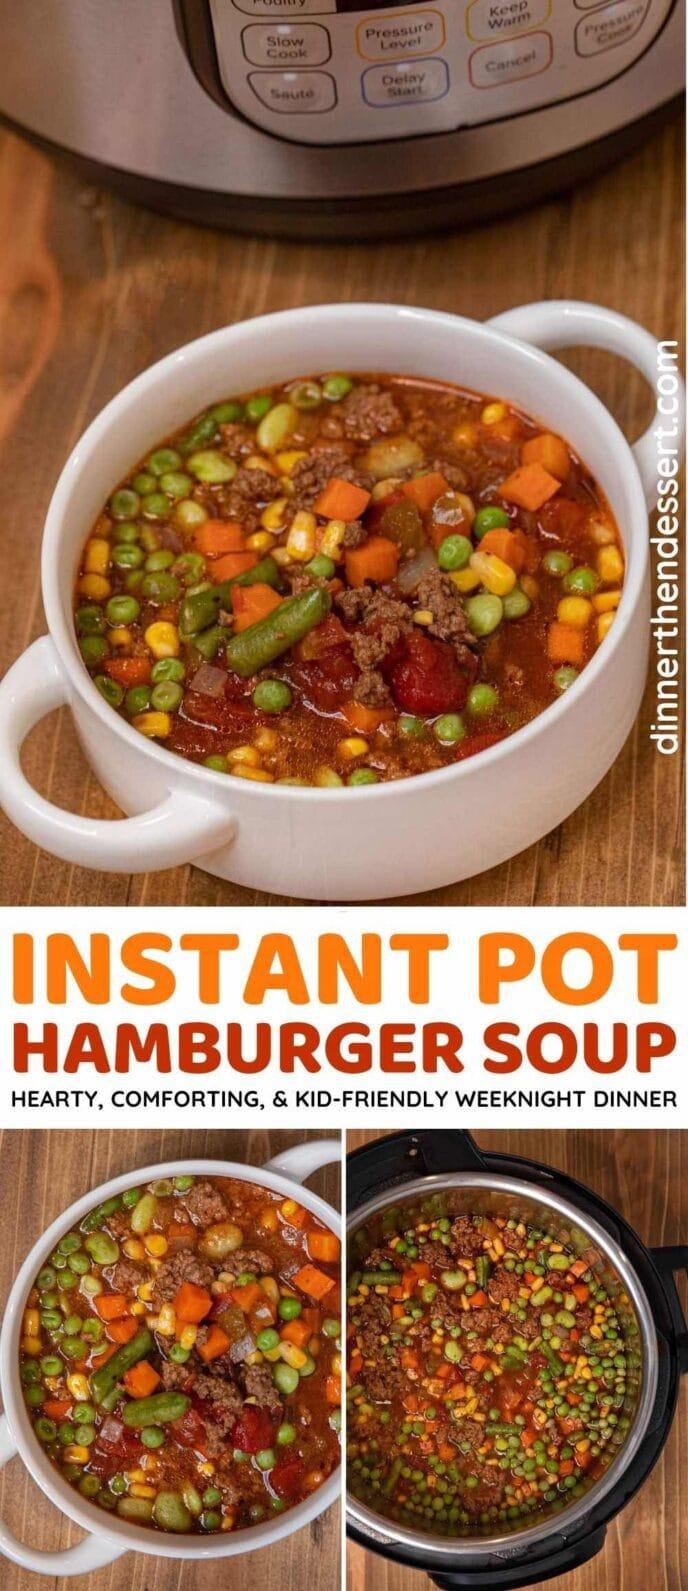 Instant Pot Hamburger Soup collage